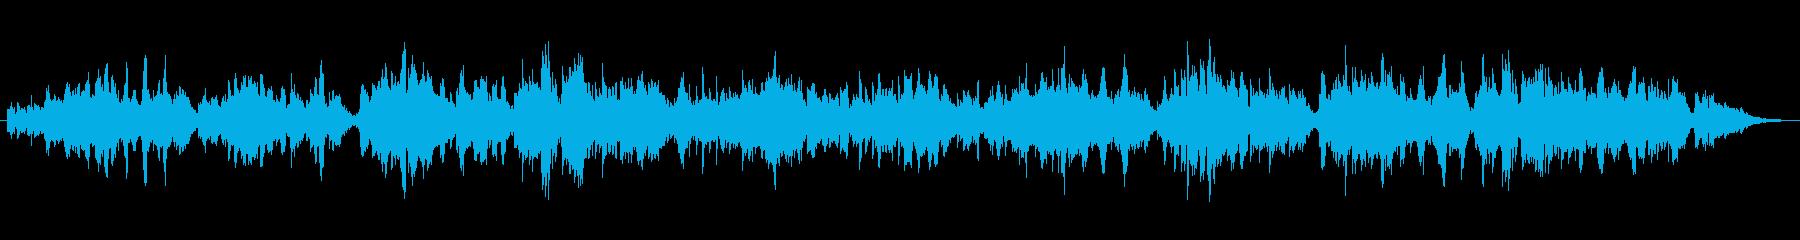 二胡の生演奏による優しくゆったりした曲の再生済みの波形